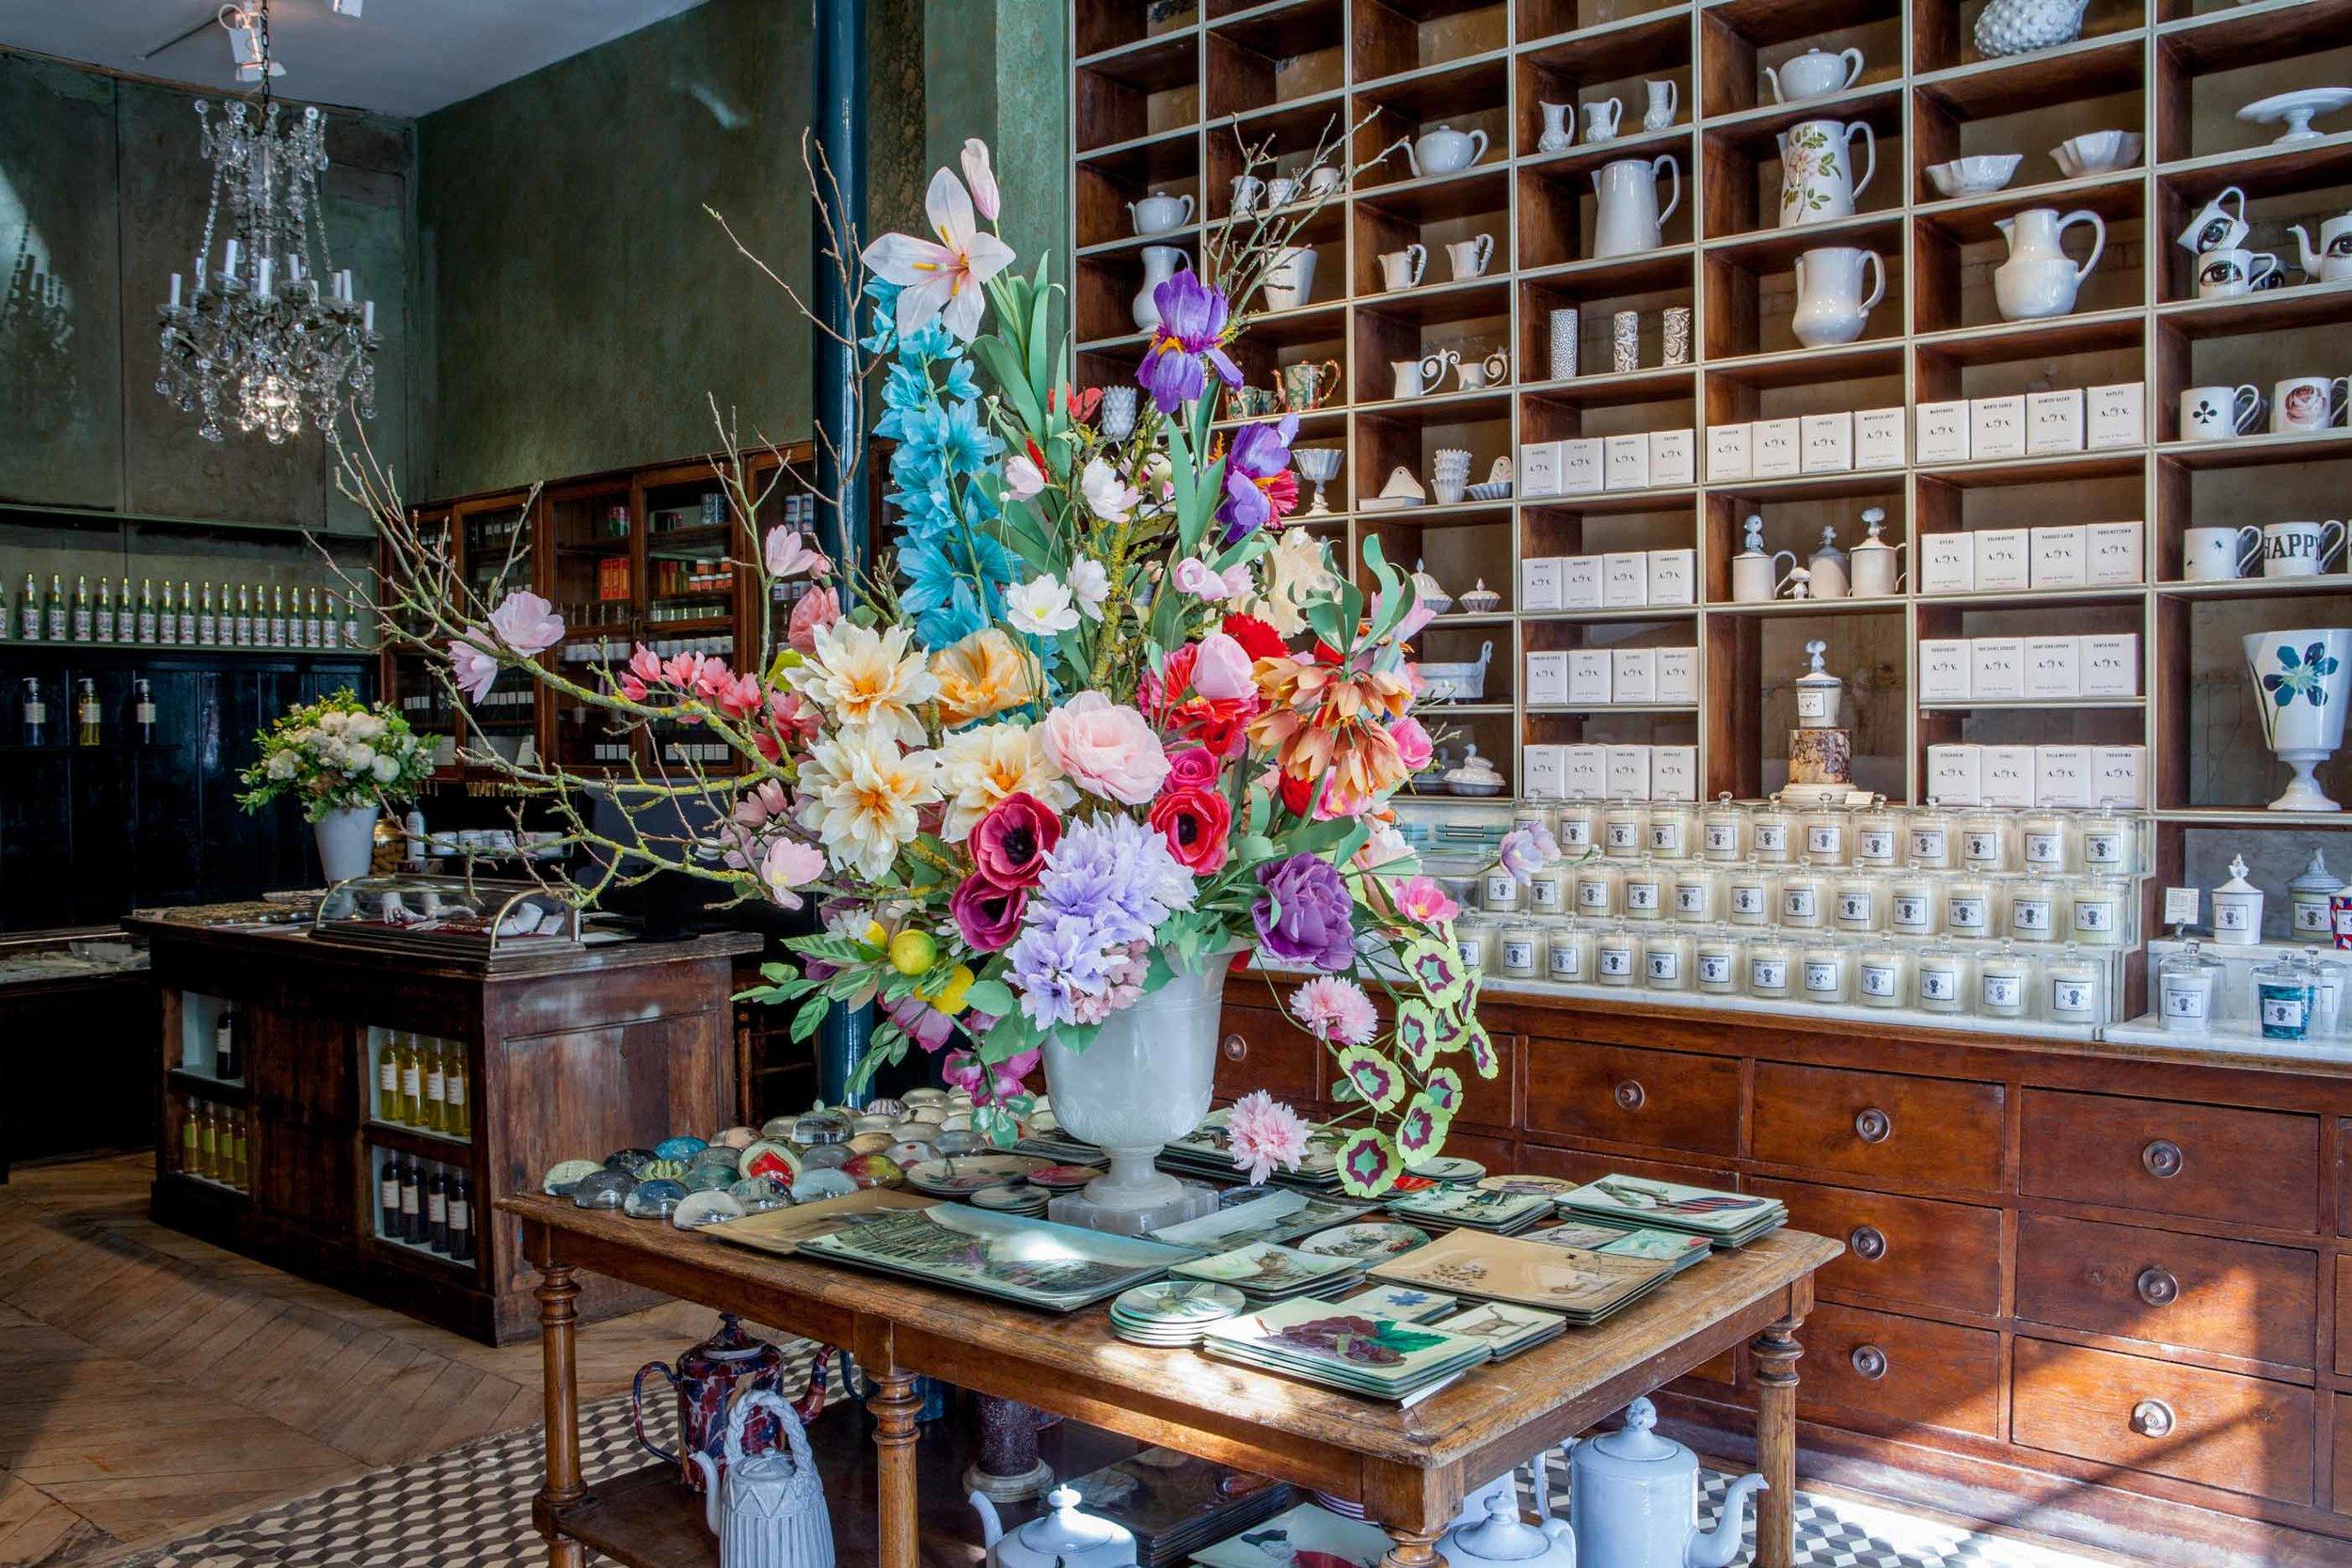 astier_de_villatte_nouvelle_boutique_rue_de_tournon_rive_gauche_2